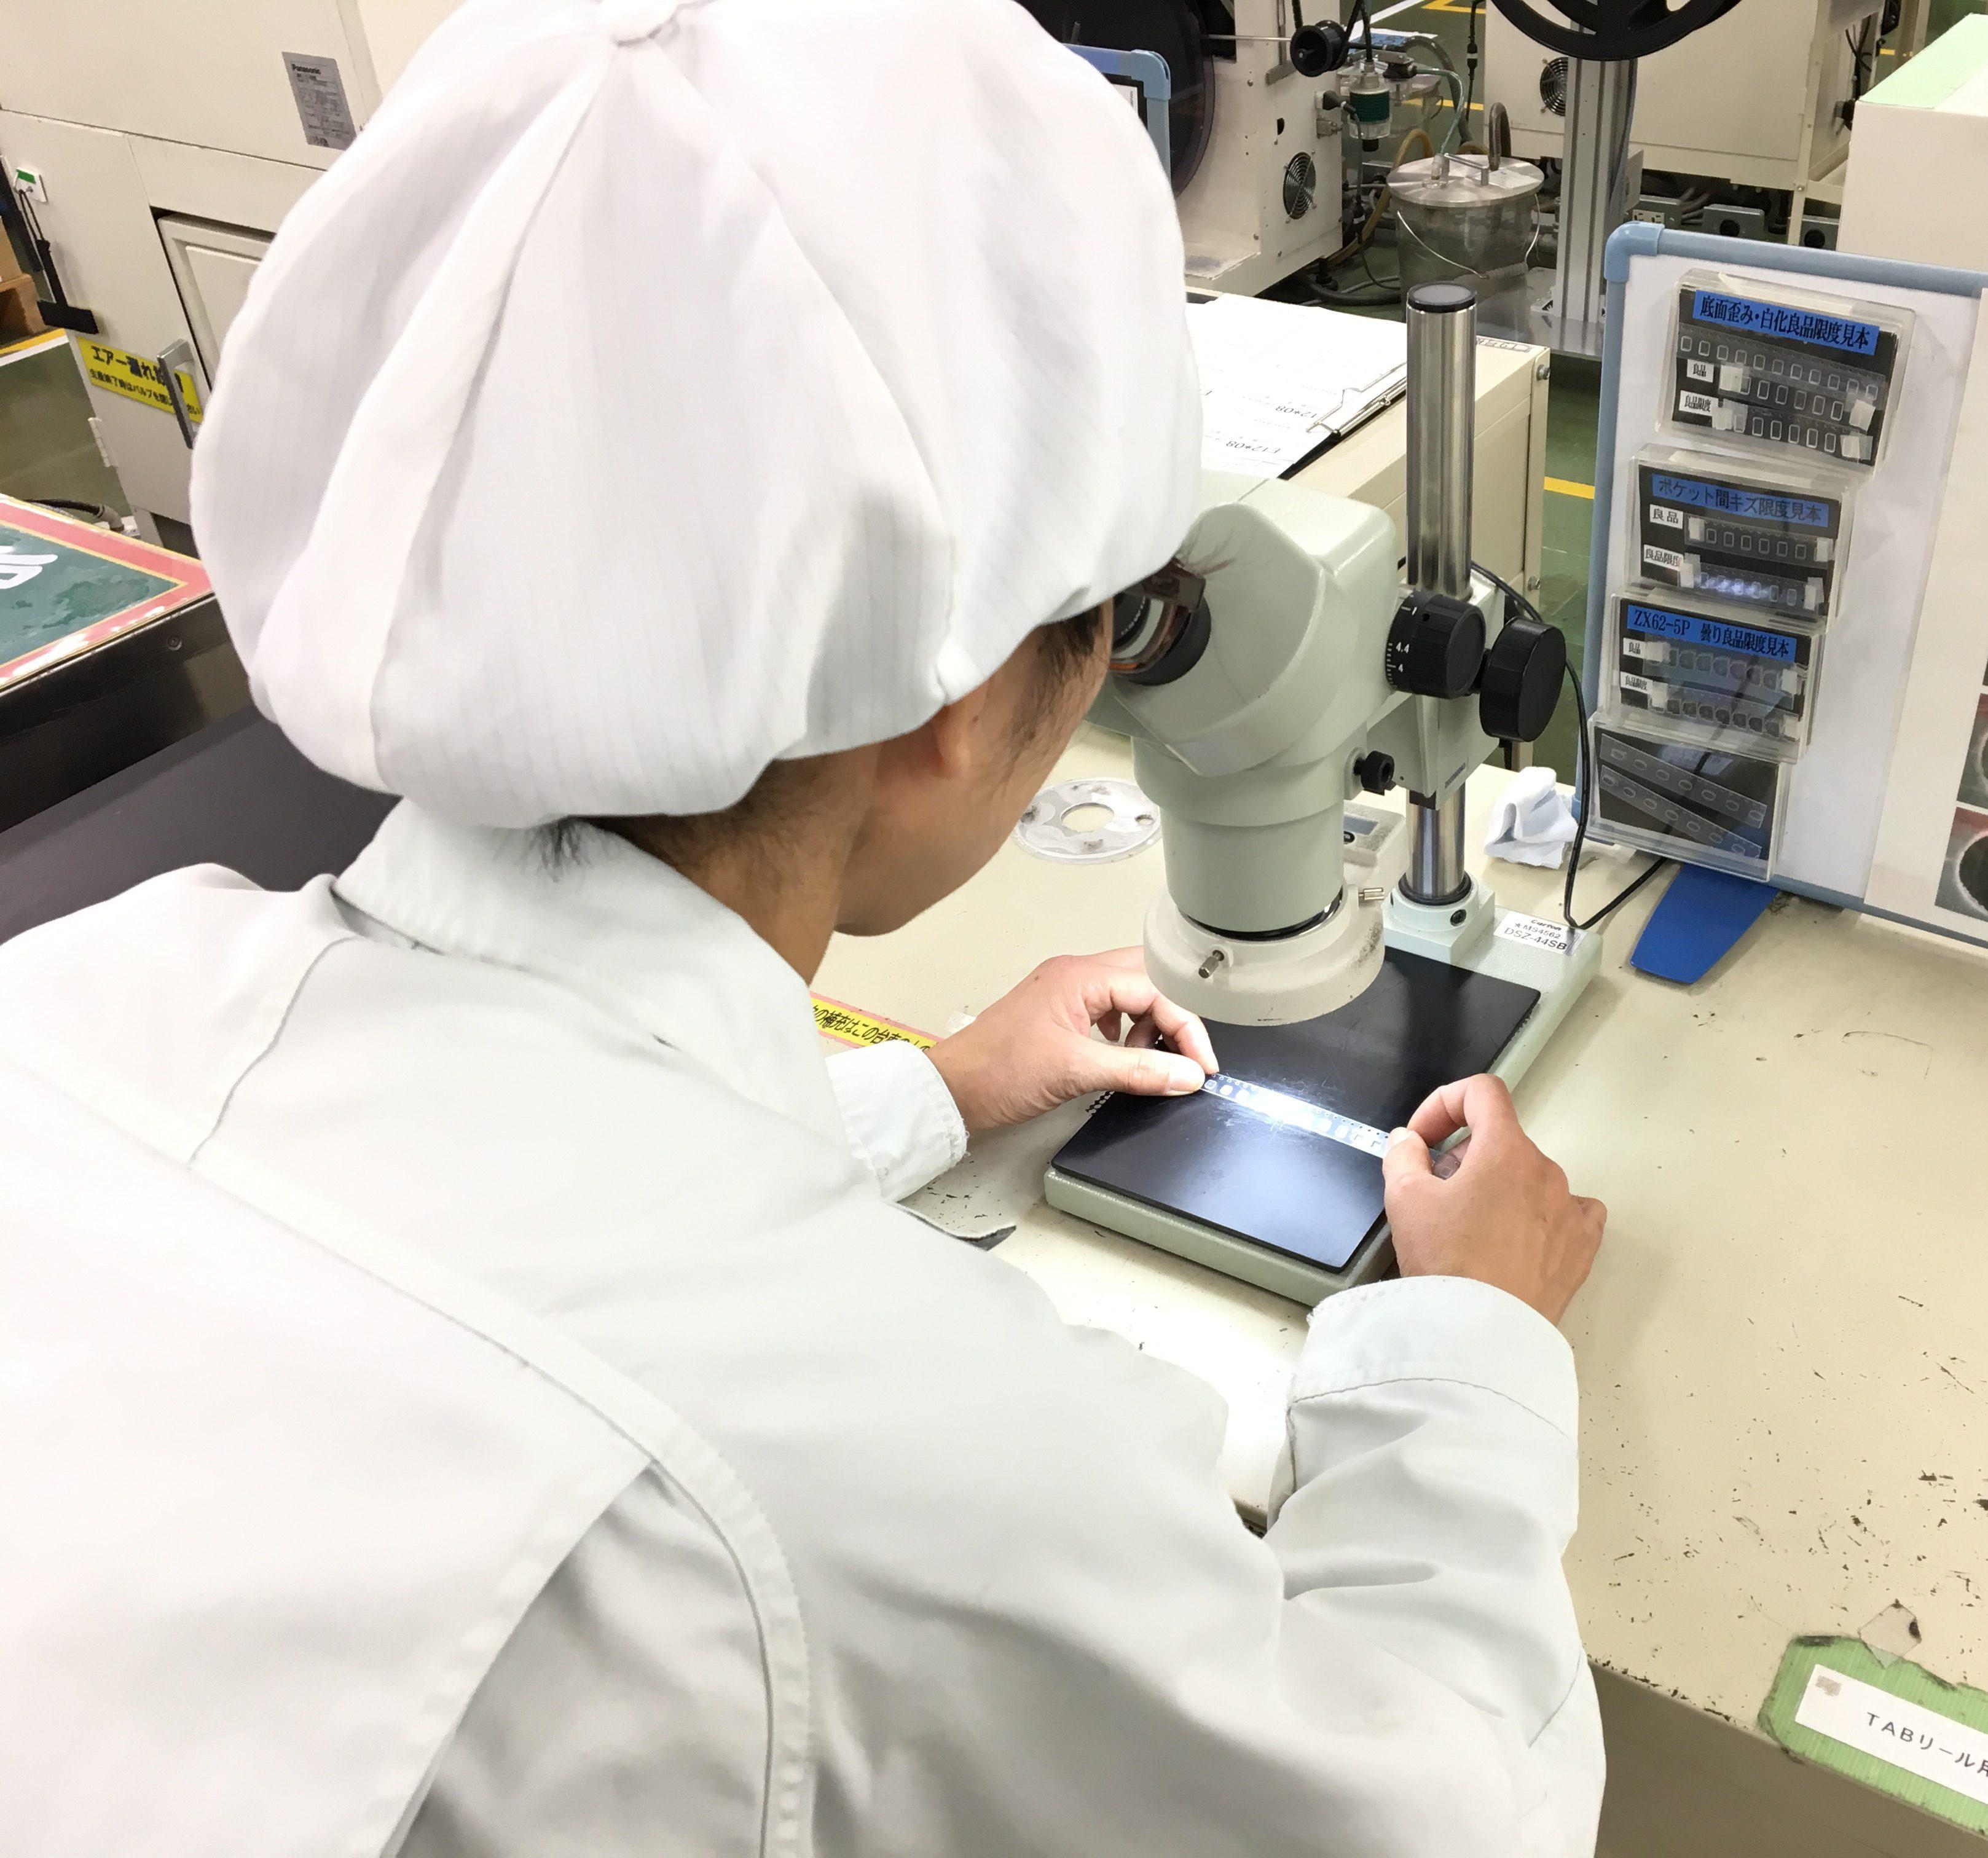 ③【電子部品の簡単検品】パナソニック工場での検査・検品・軽作業、日勤も夜勤も選べる!